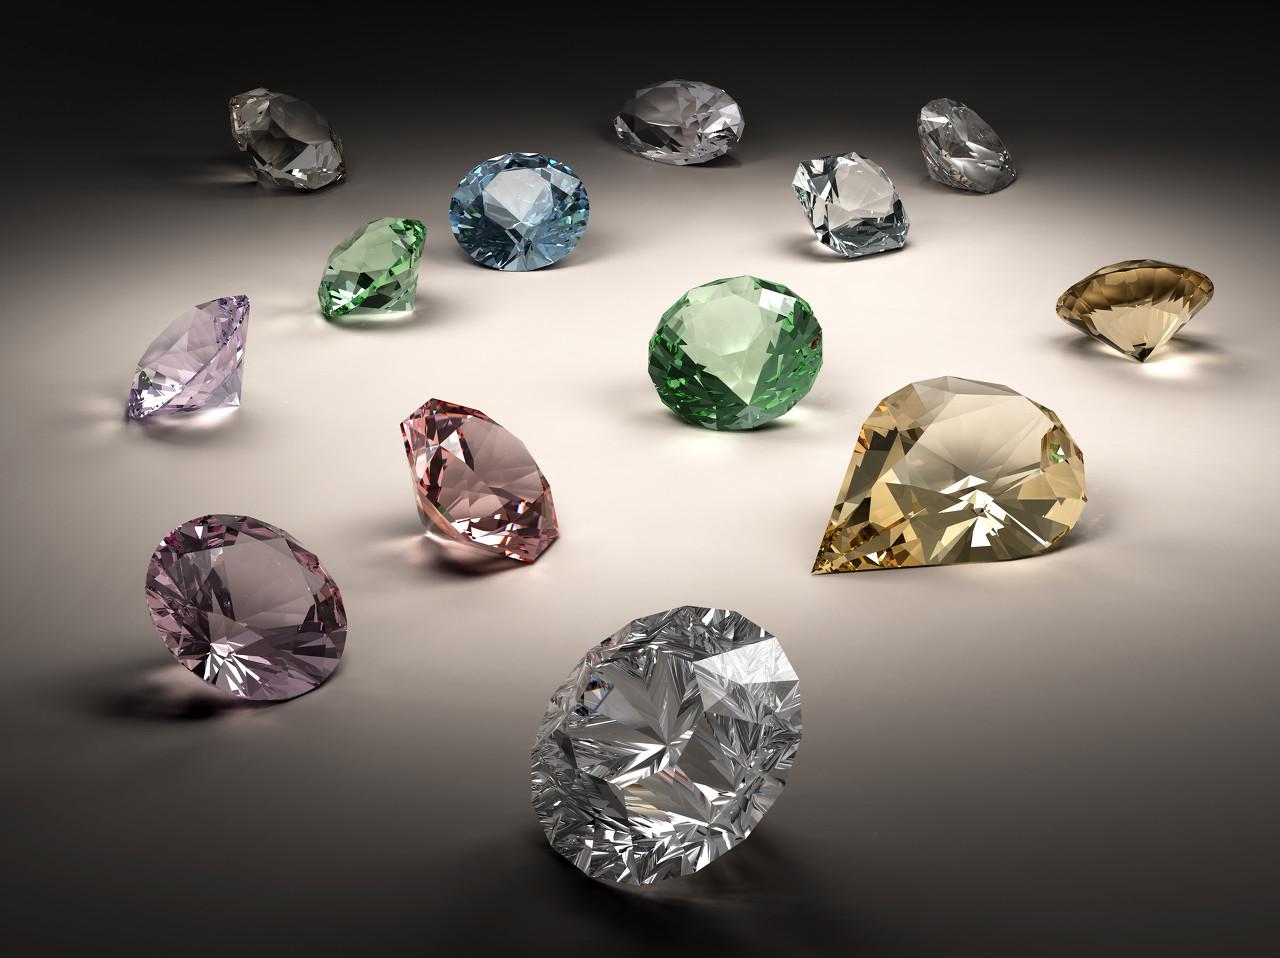 血钻不是红色、莫桑钻不是钻石 盘点那些被我们误会的珠宝